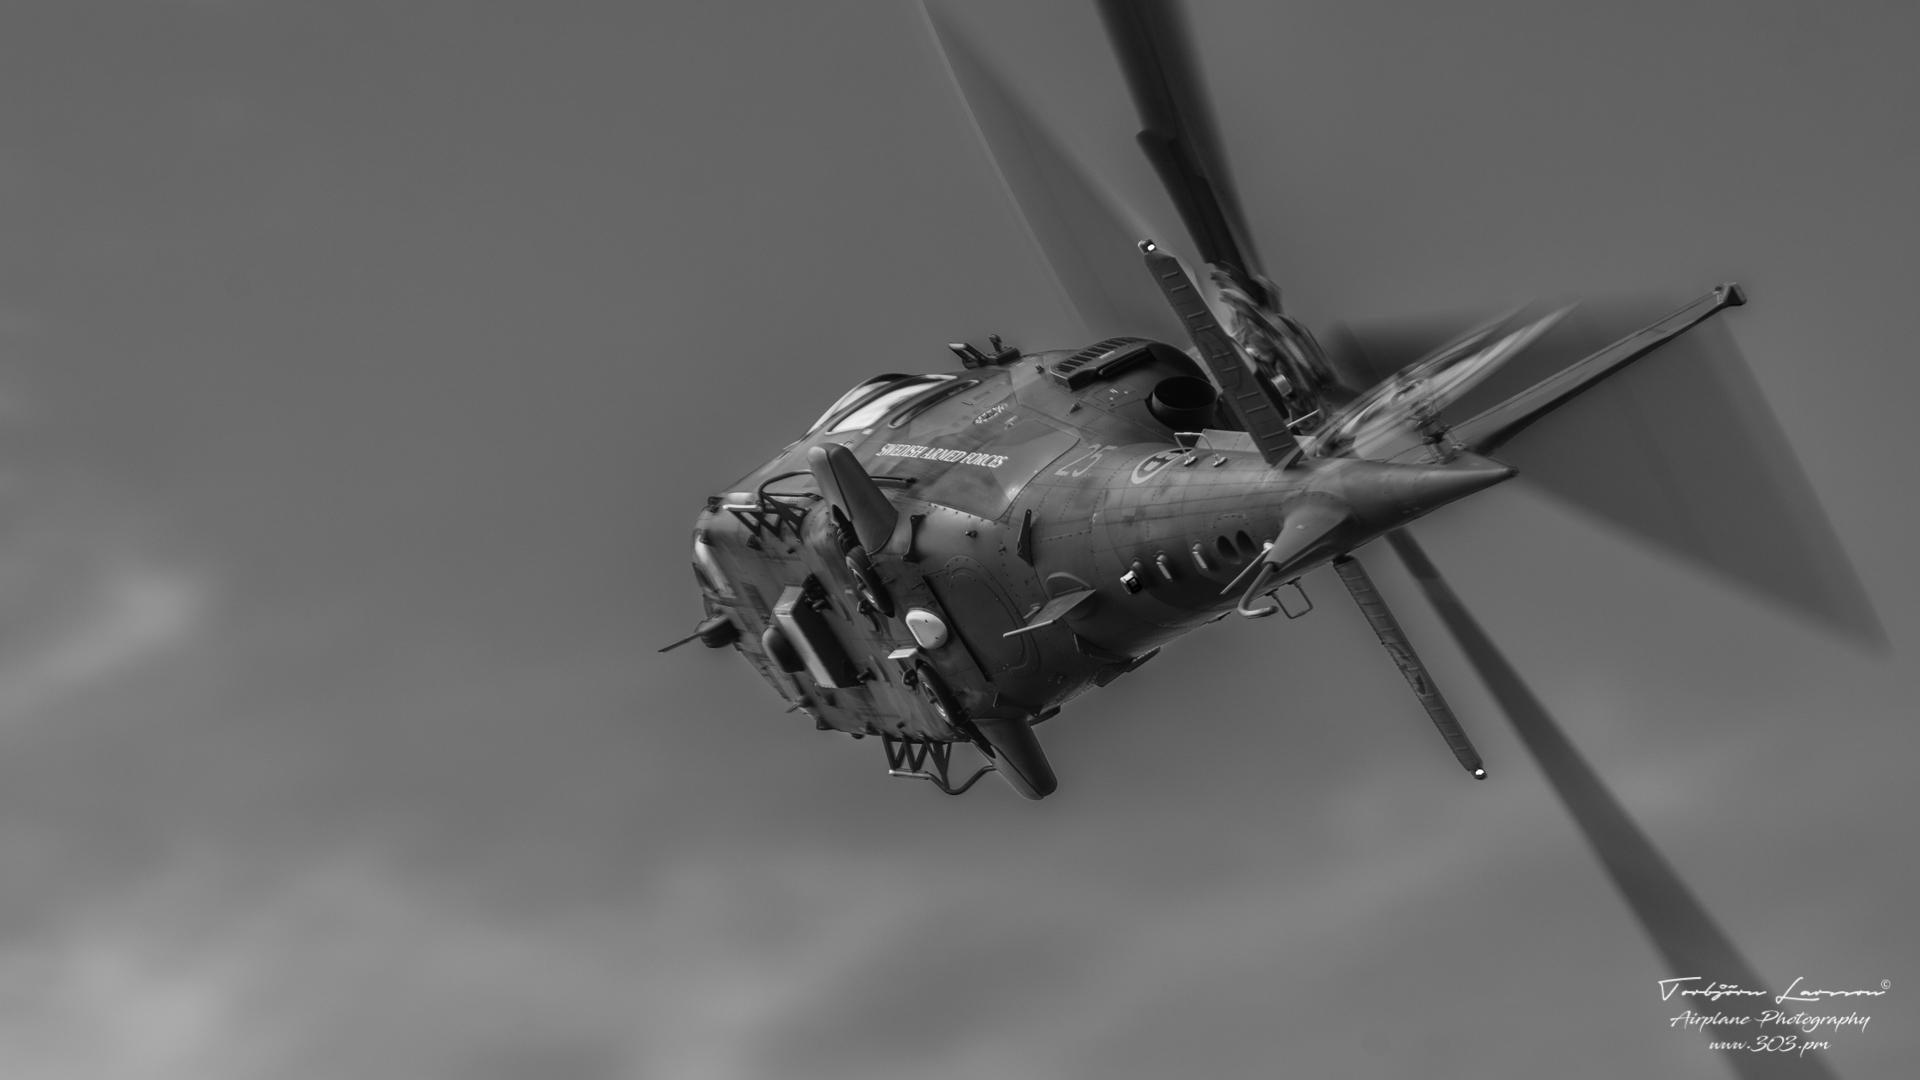 TBE_1458-AgustaWestland AW109 - HKP 15